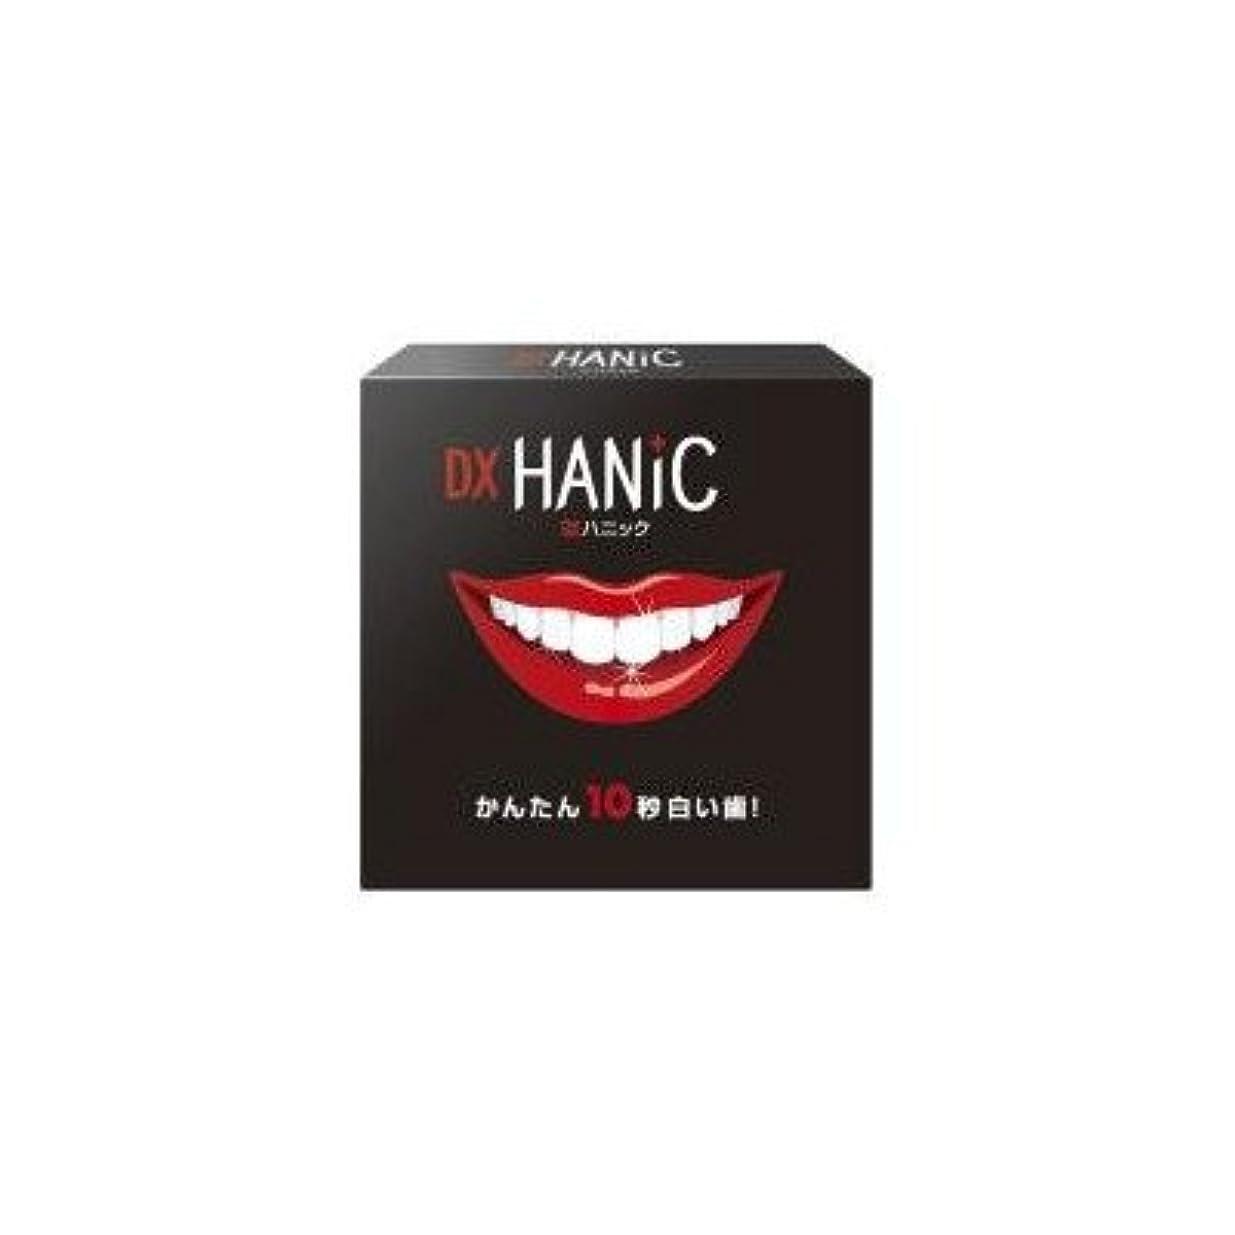 道を作る有害ホスト塗るだけで真っ白に魅せる歯のマニキュア DXハニック デンタルコットン付き 歯のマニュキア?ペンタイプ